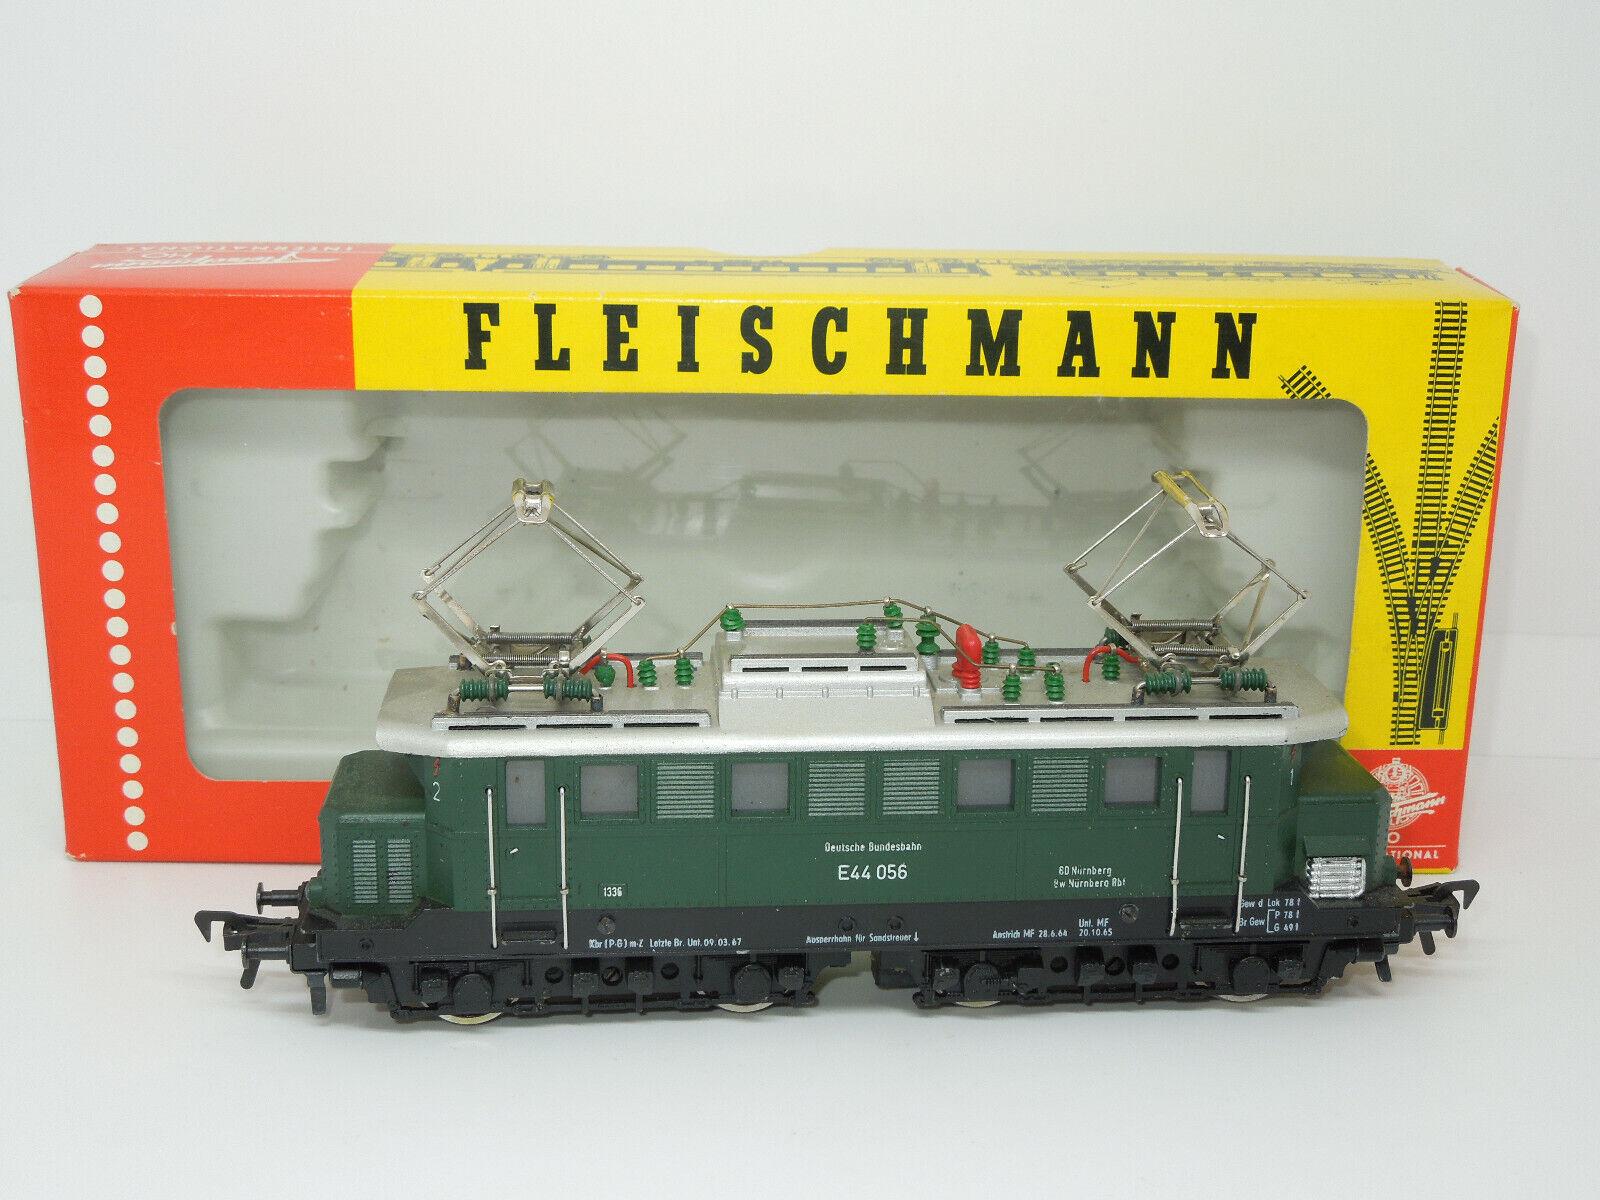 Fleischuomon h0 4330 ELok e44 056 delle DB